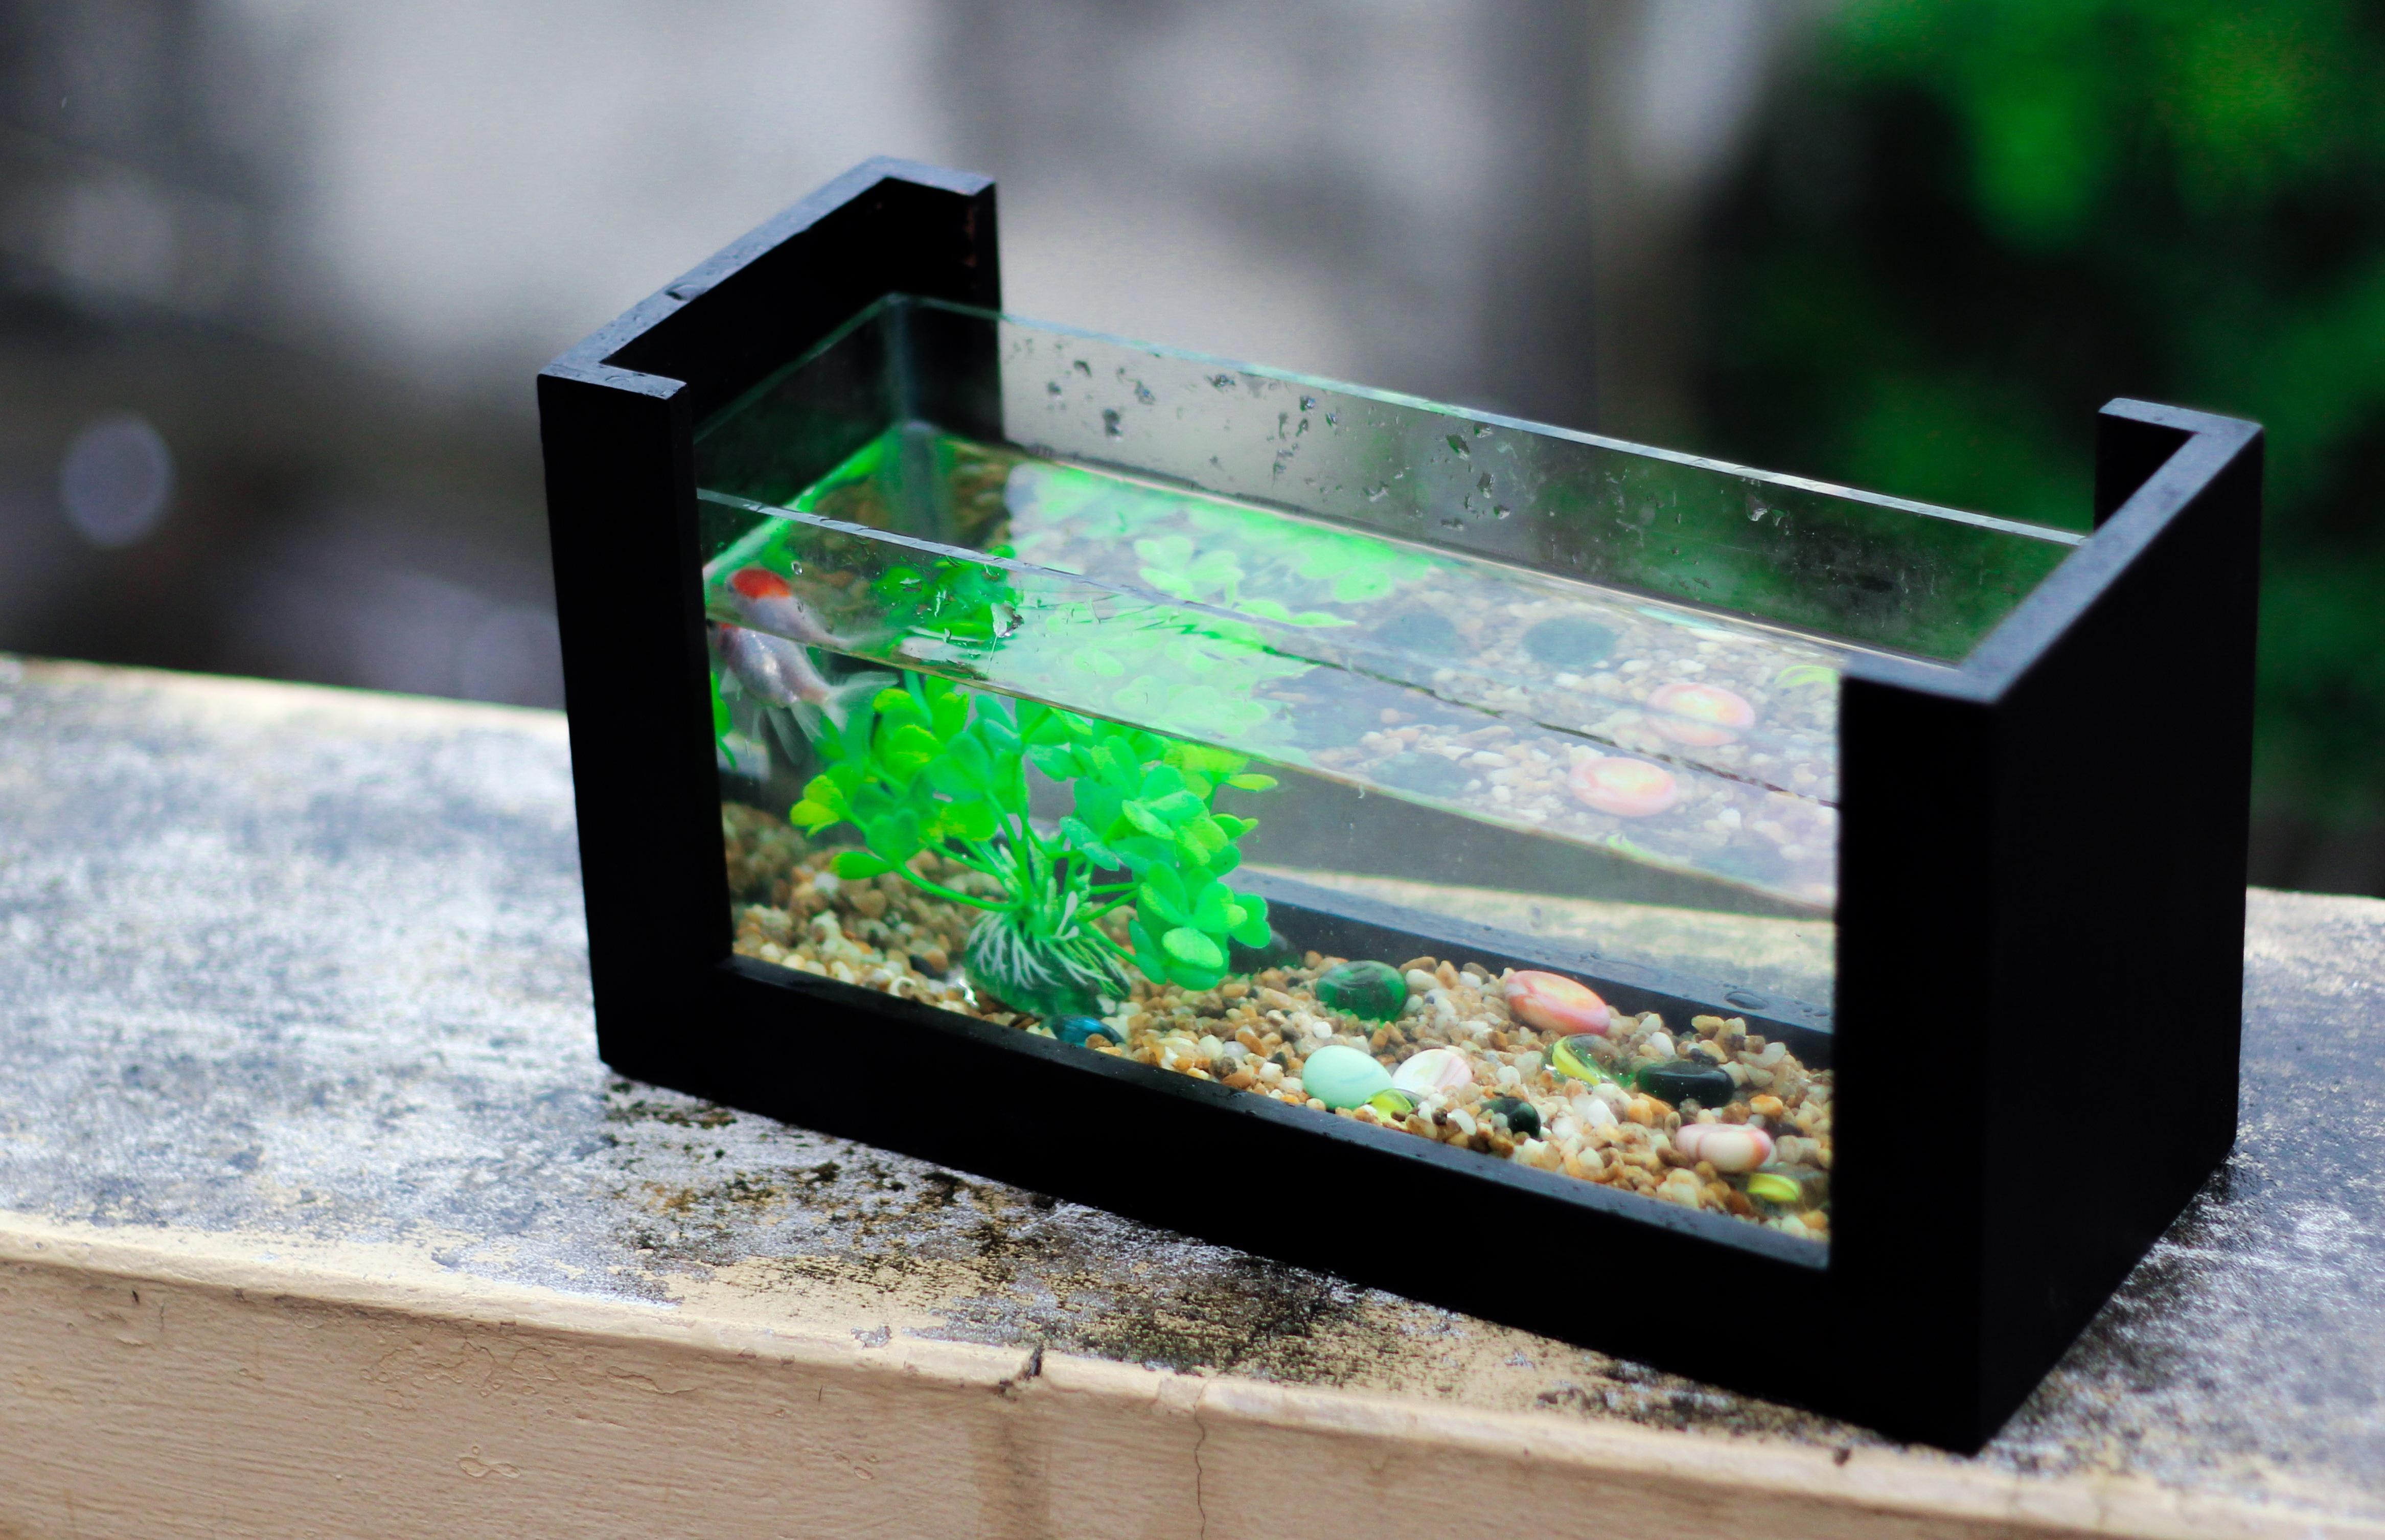 kostenlose foto gr n biologie frisch fisch aquarium bilderrahmen anzeigeger t. Black Bedroom Furniture Sets. Home Design Ideas